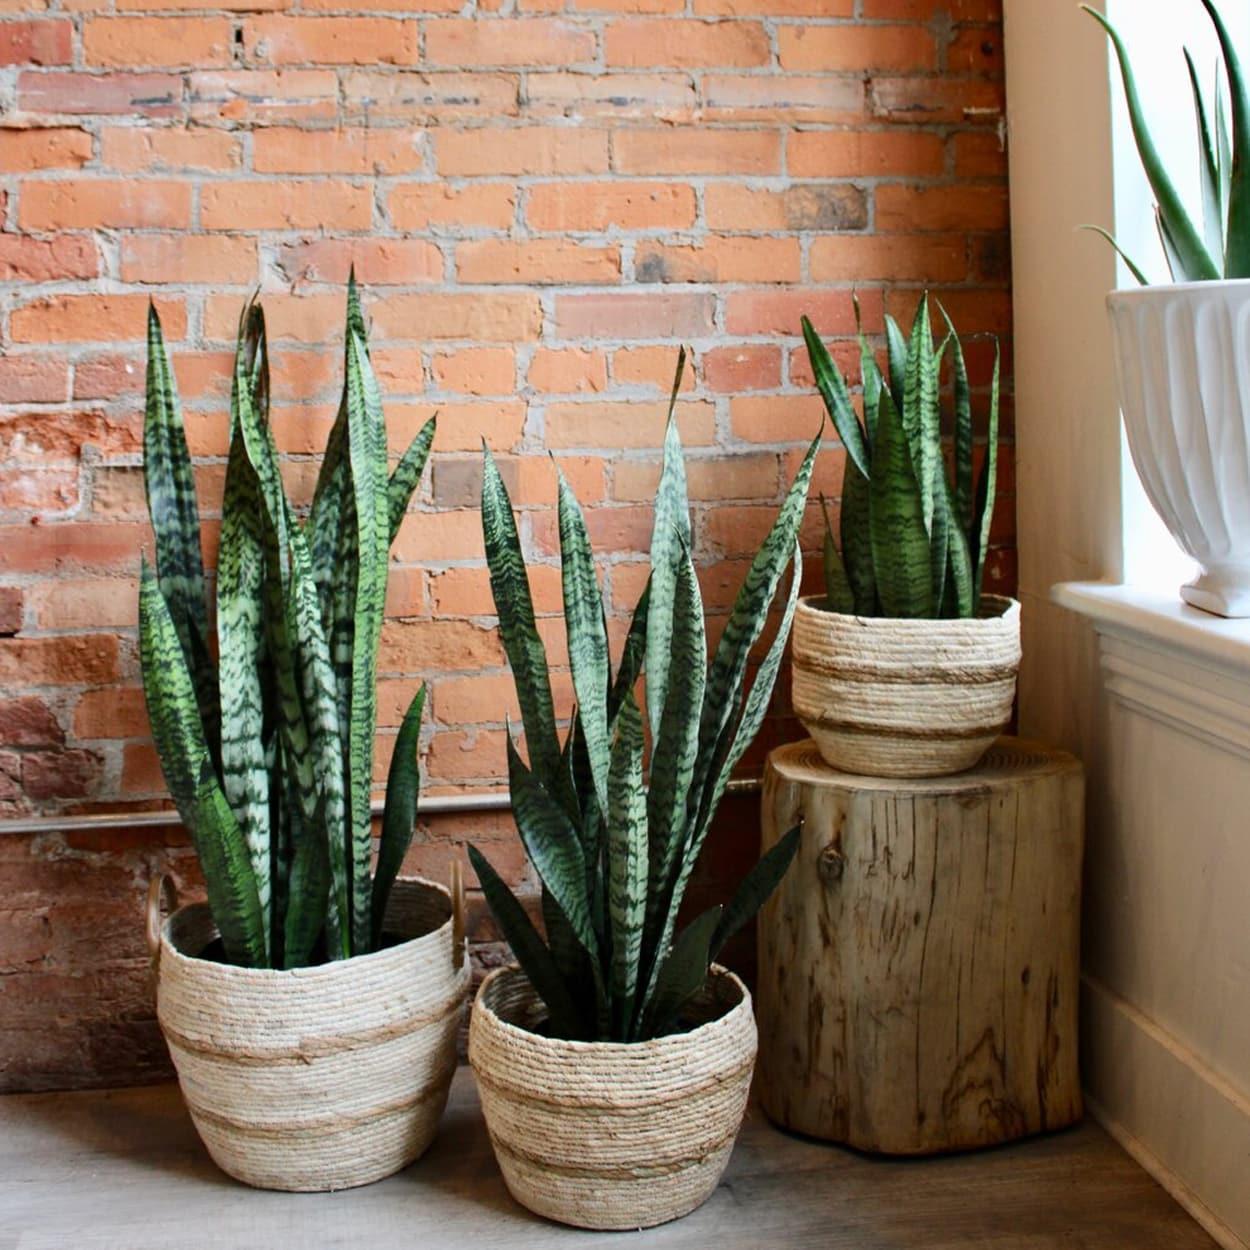 plantas em apartamento - lança de são jorge